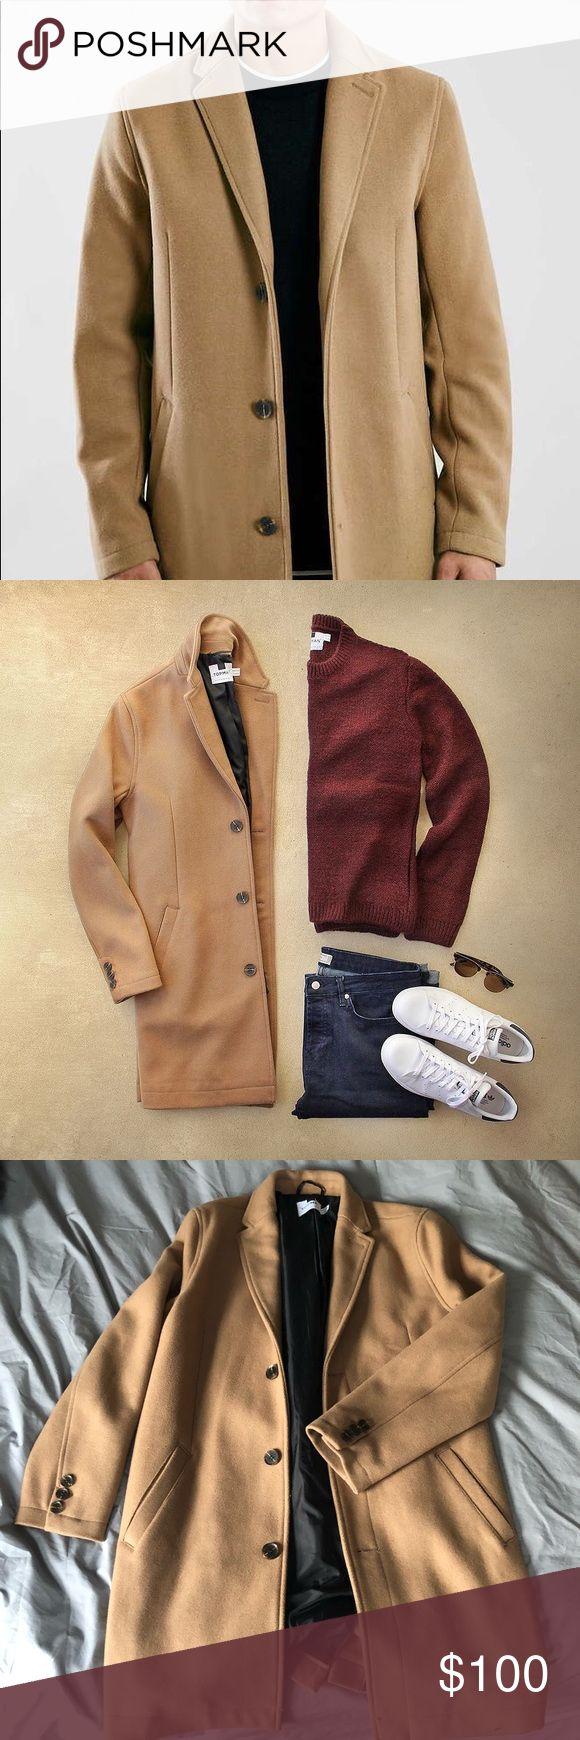 Topman Camel Overcoat Never worn Topman camel topcoat.  Size M. Topman Jackets & Coats Pea Coats